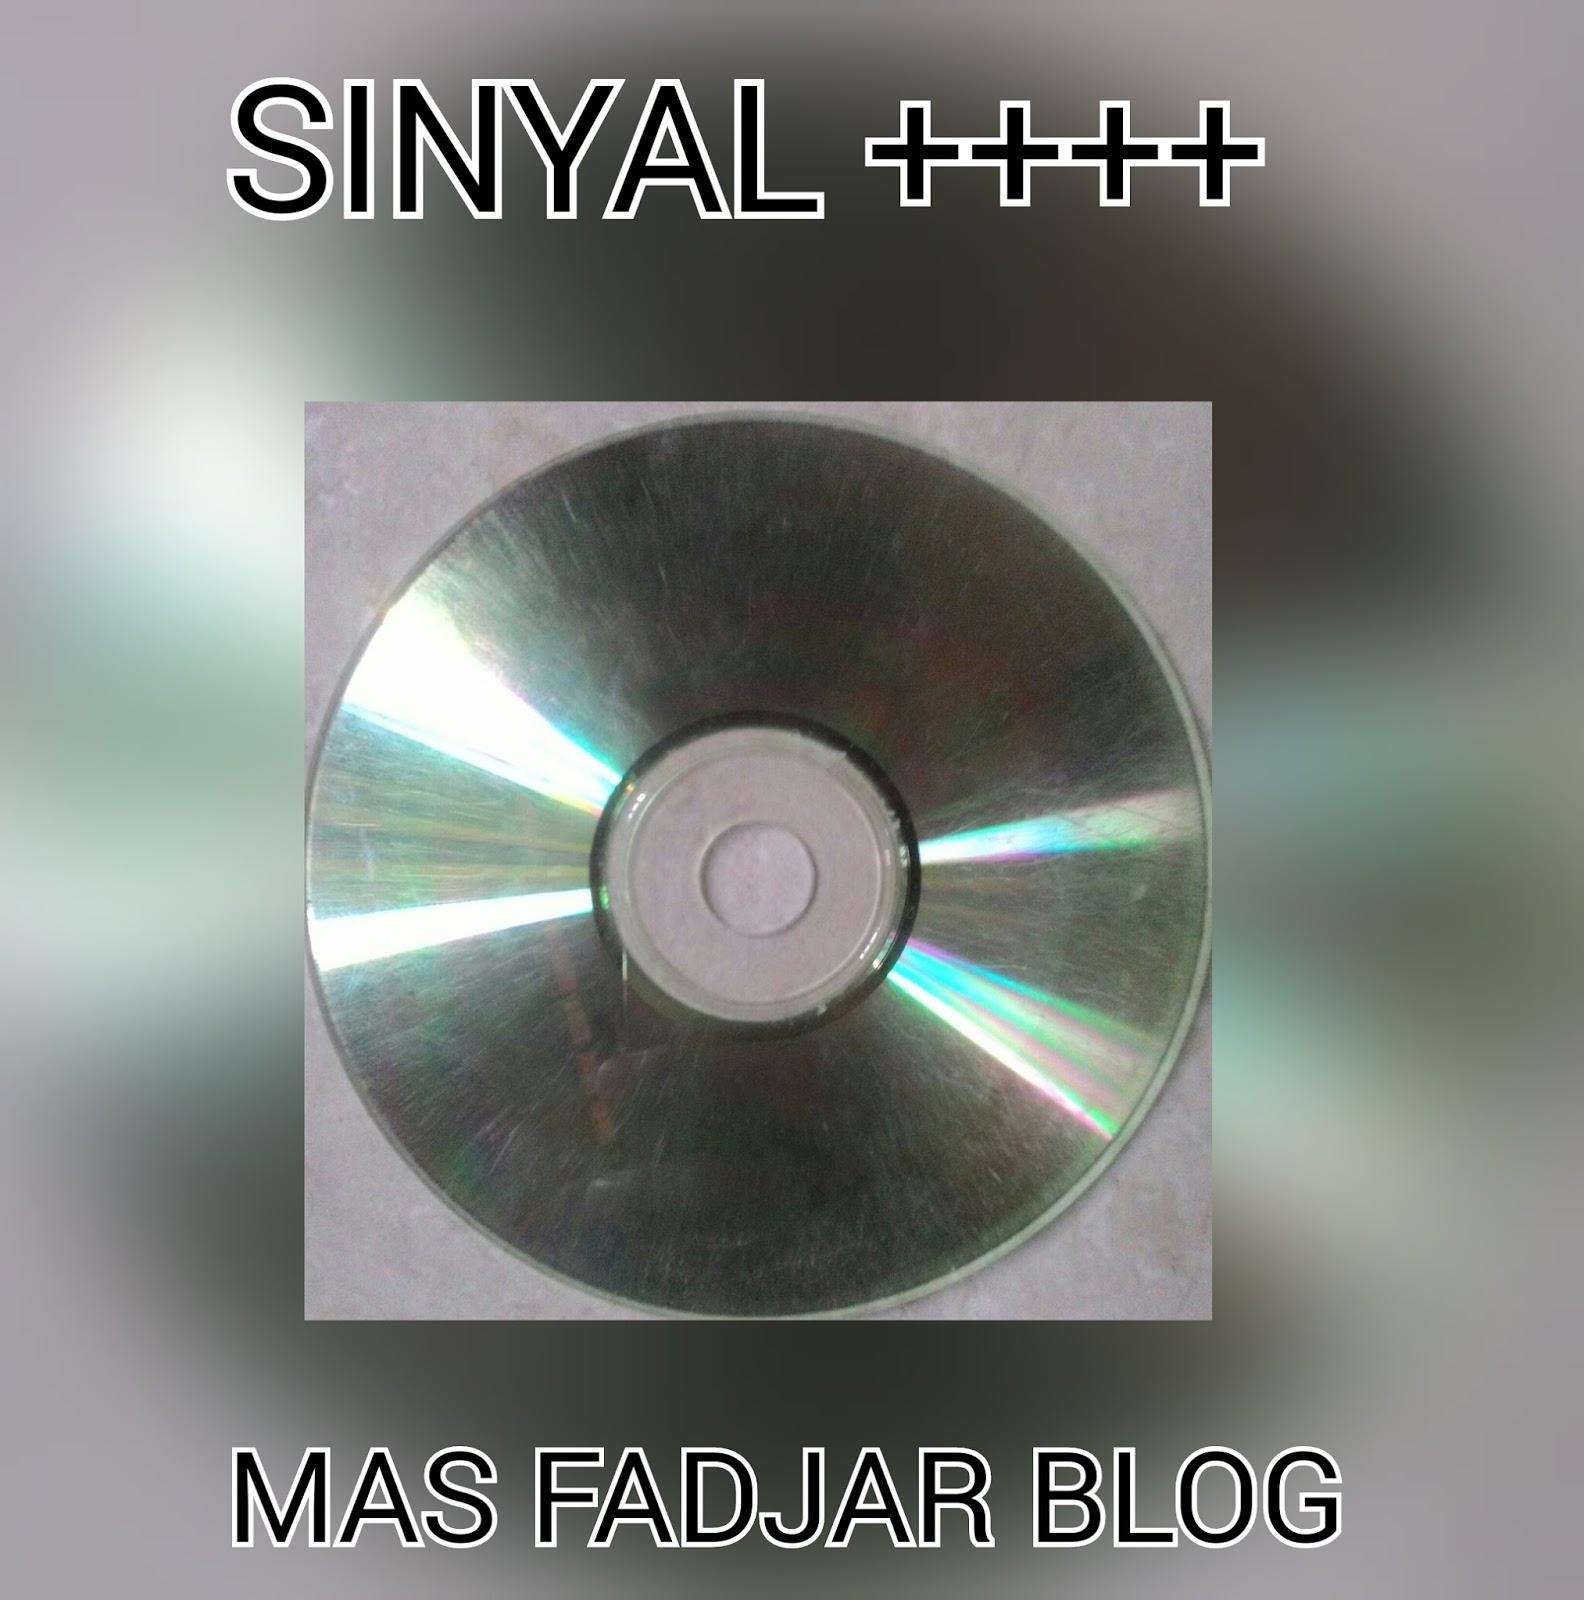 kepingan cd untuk membuat sinyal kuat